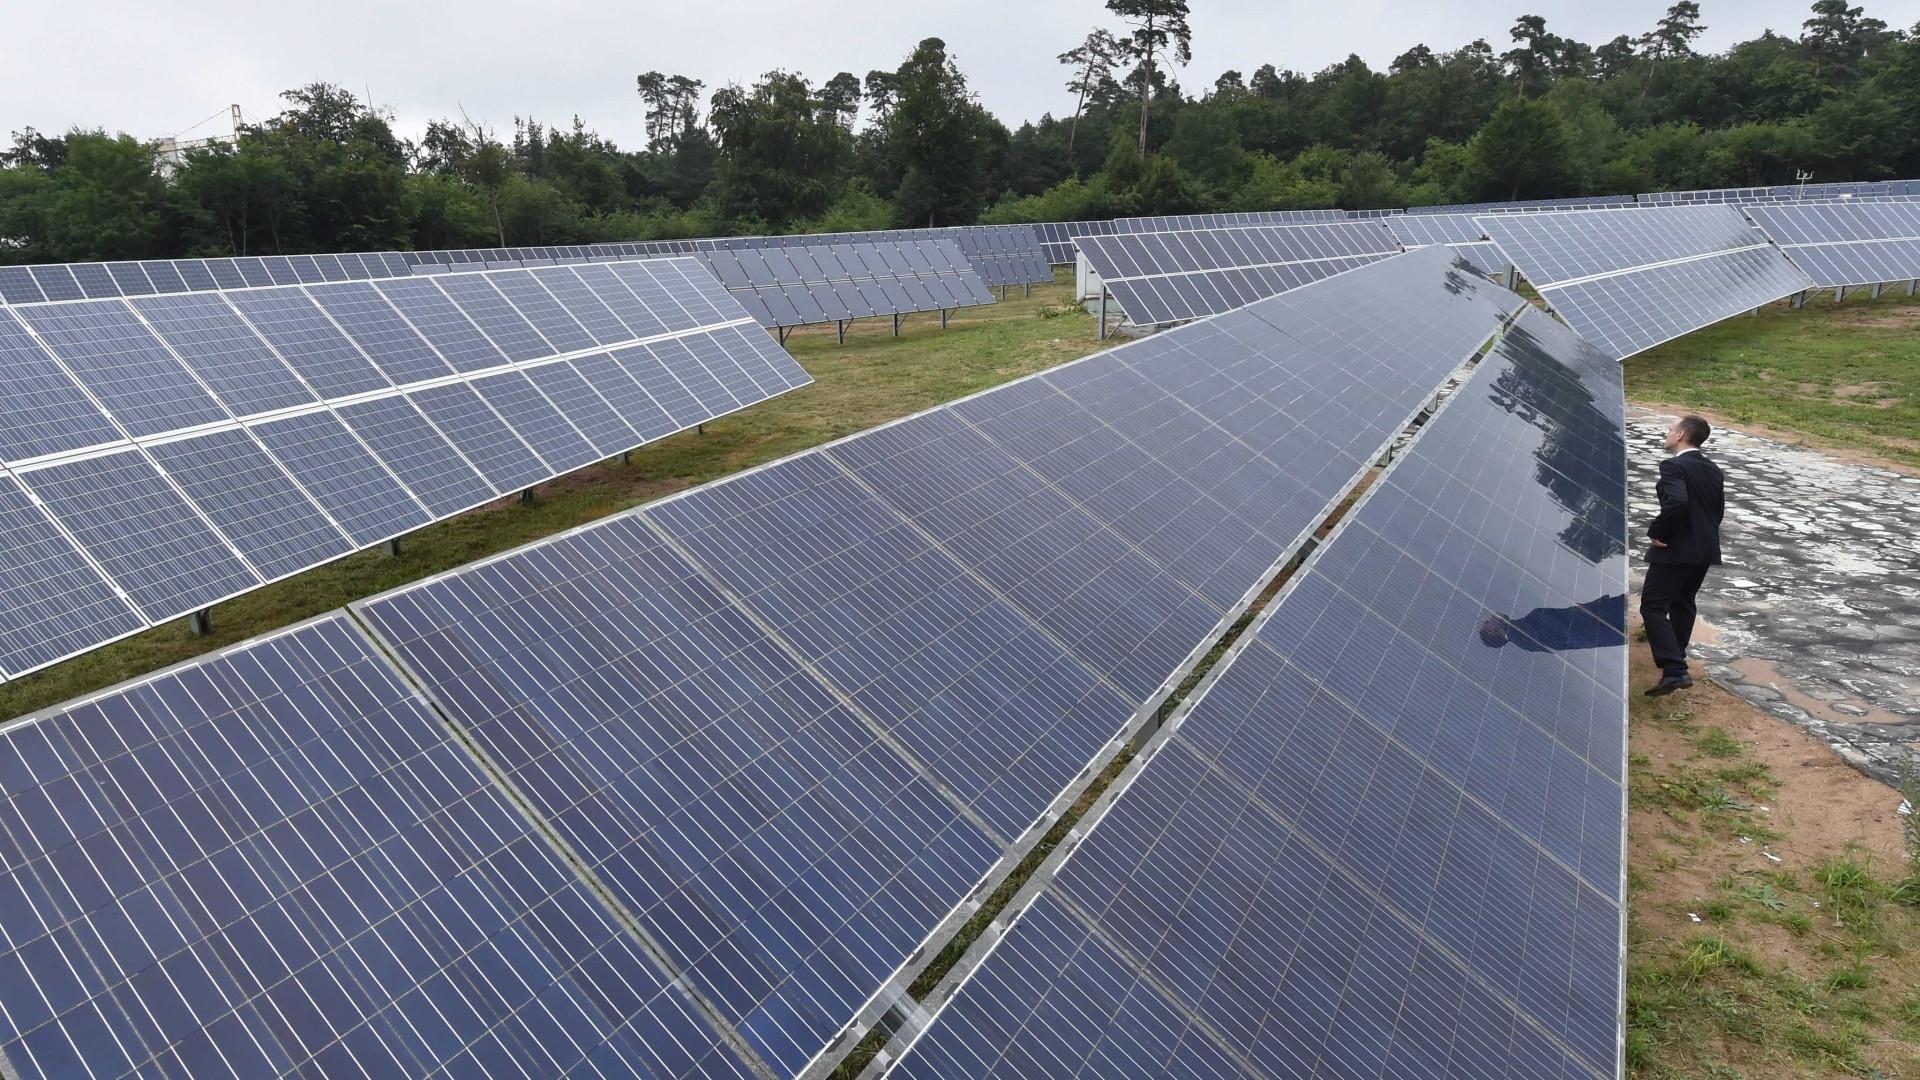 Investigadores criaram um novo tipo de células solares